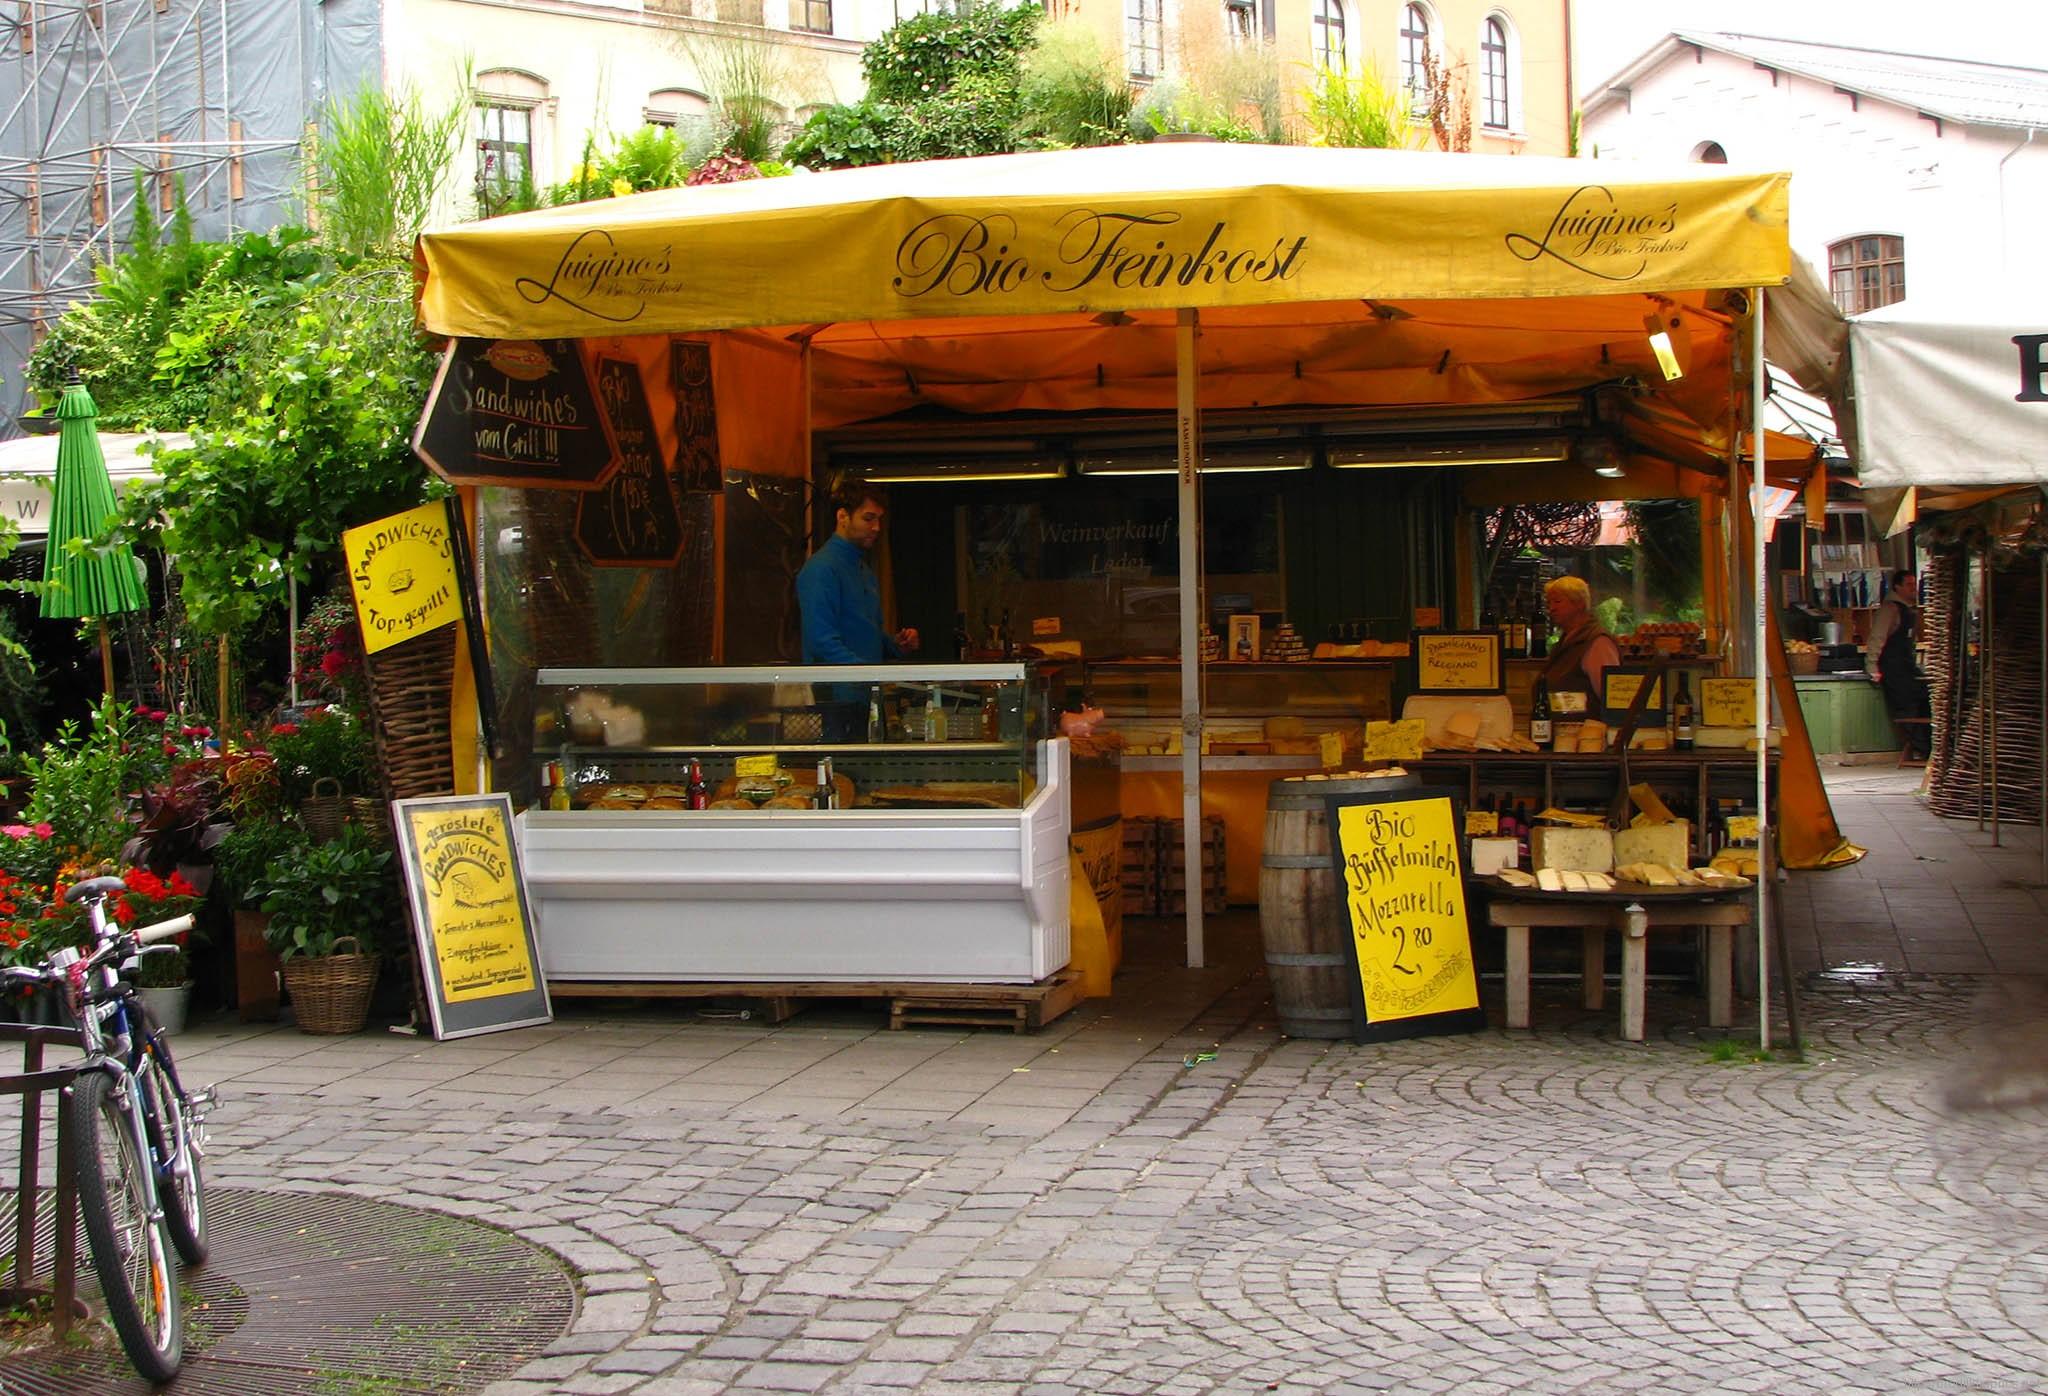 Достопримечательности Мюнхена: Рынок Викуалиенмаркт (Viktualienmarkt)